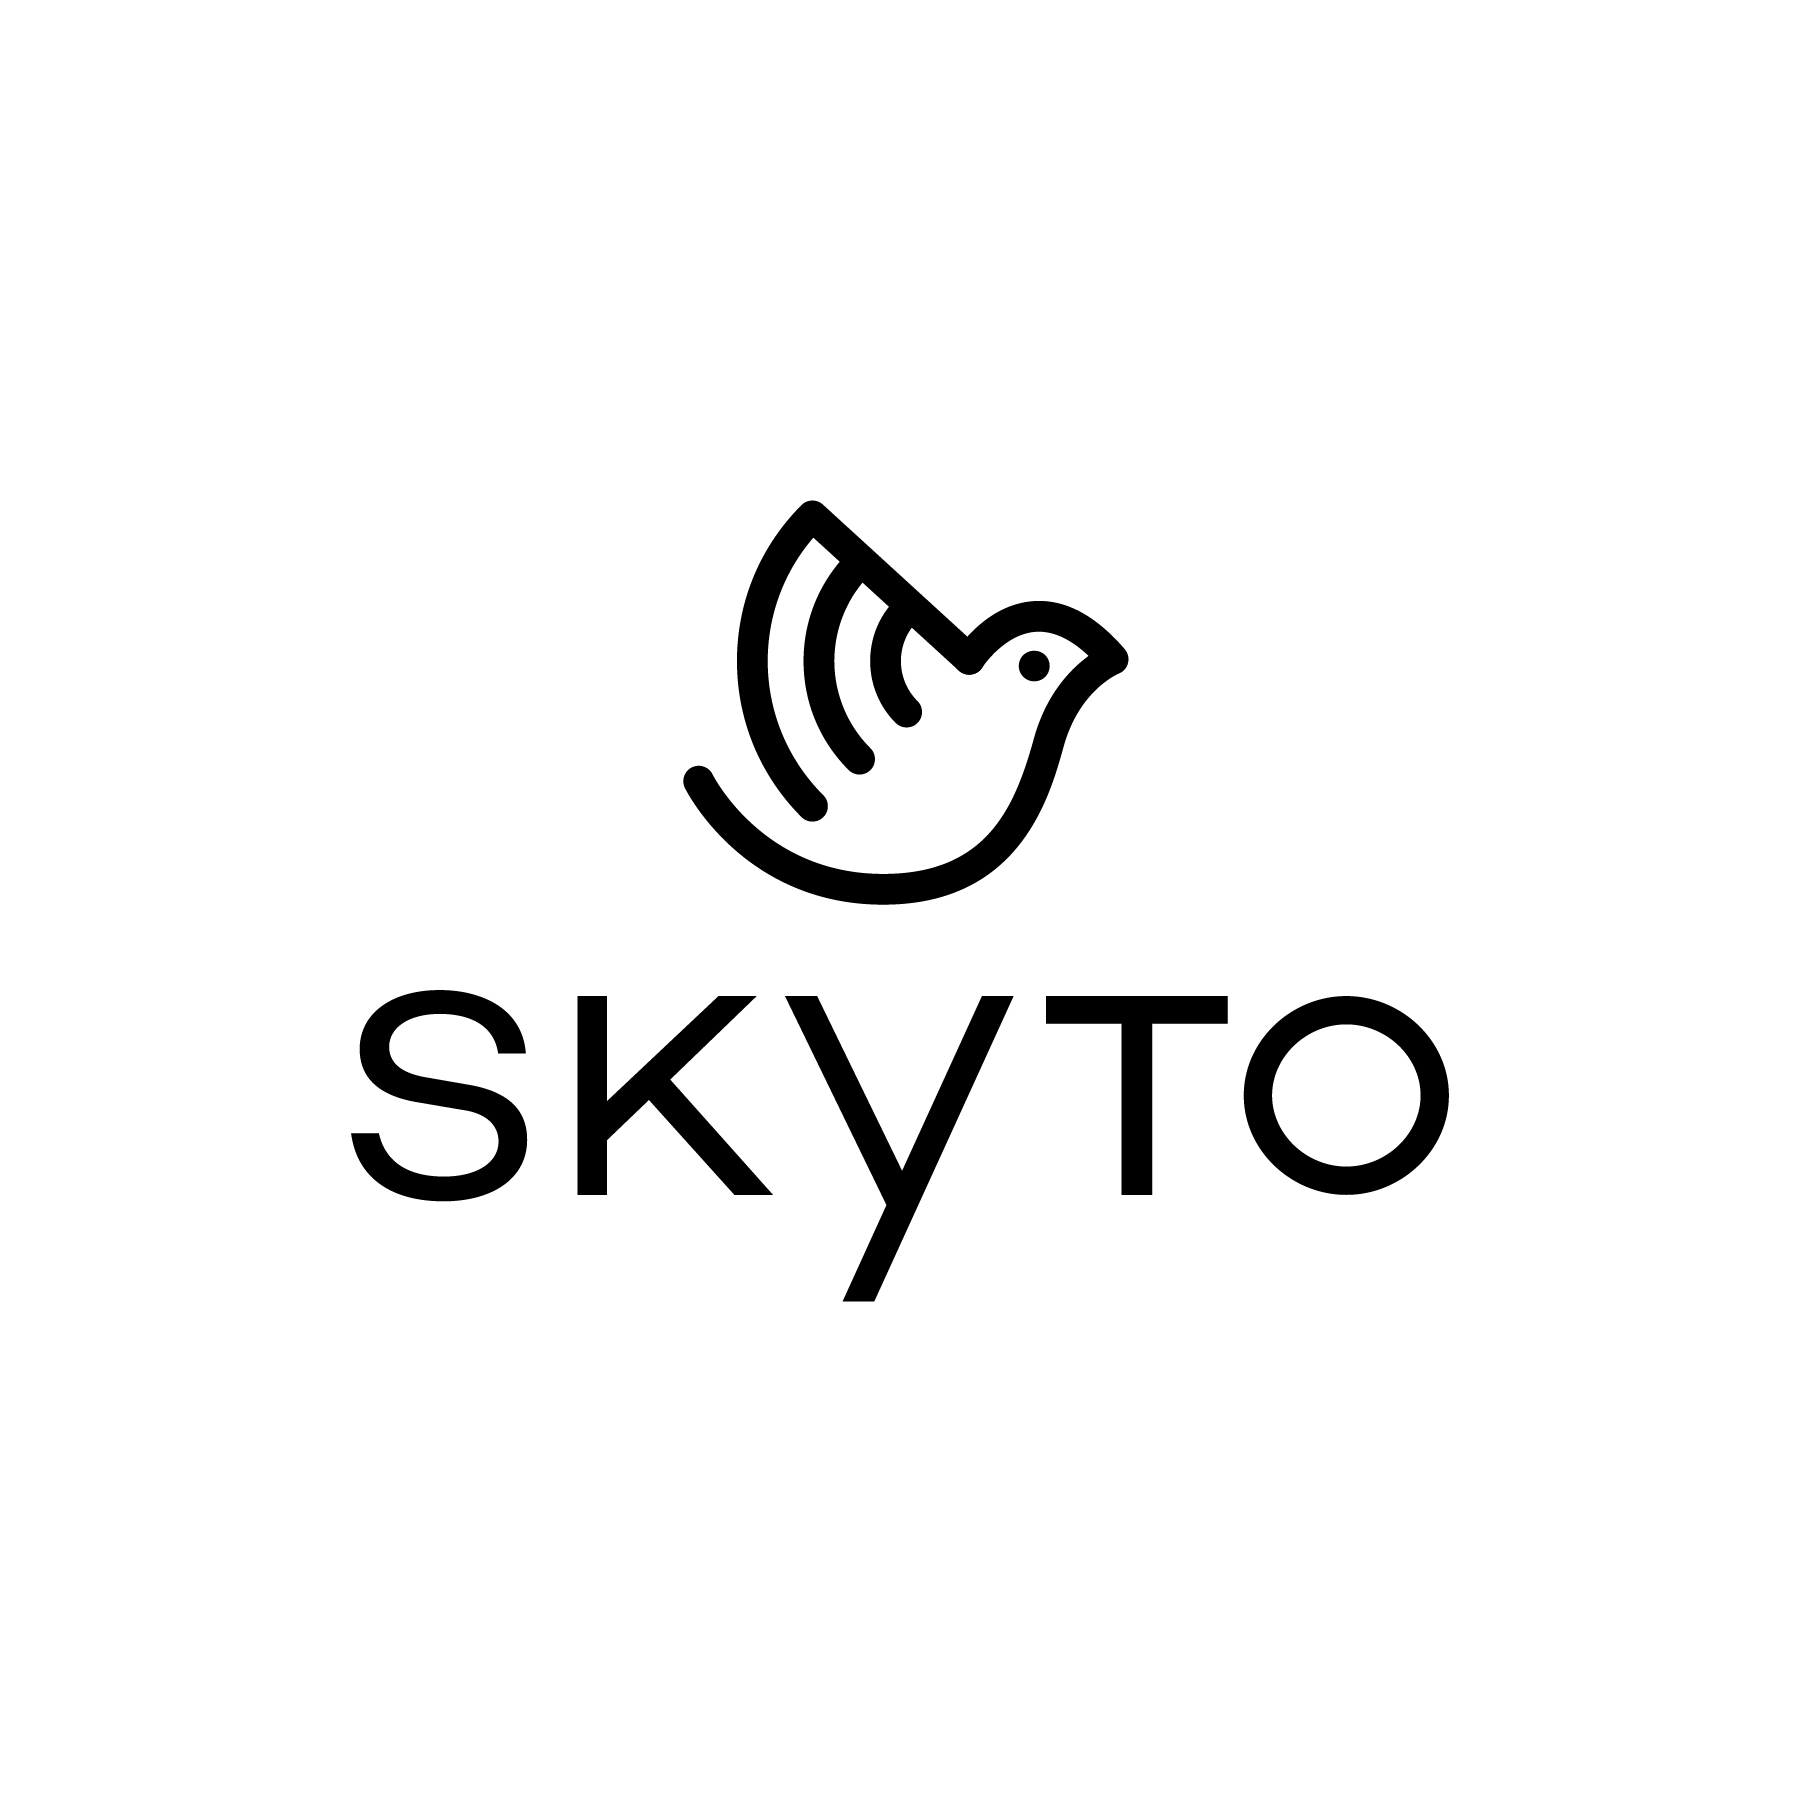 Skyto